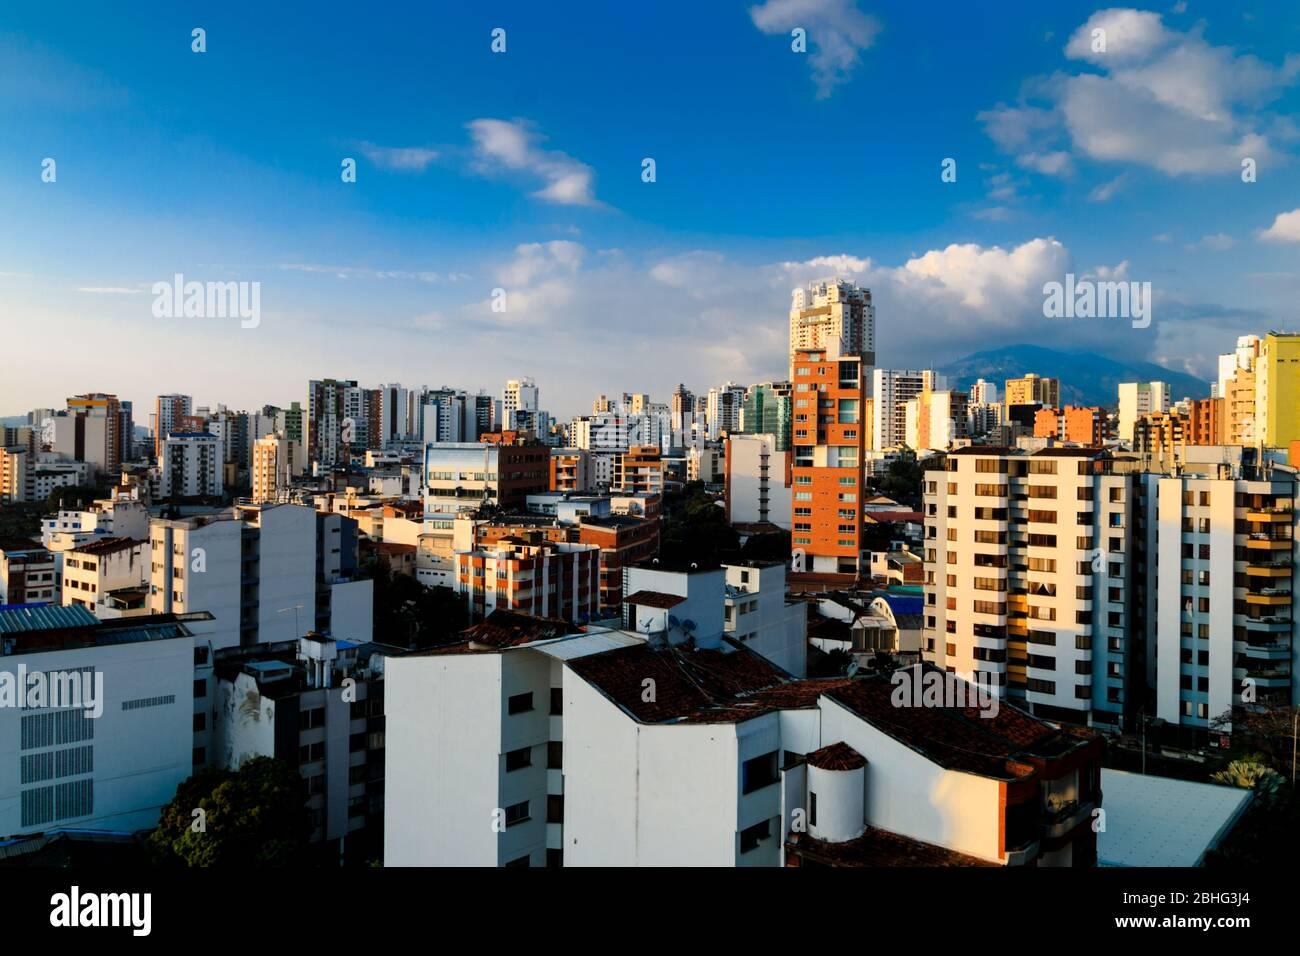 Foto de paisaje urbano de la tarde de la ciudad de bucaramanga, Santander, Colombia. Foto de stock